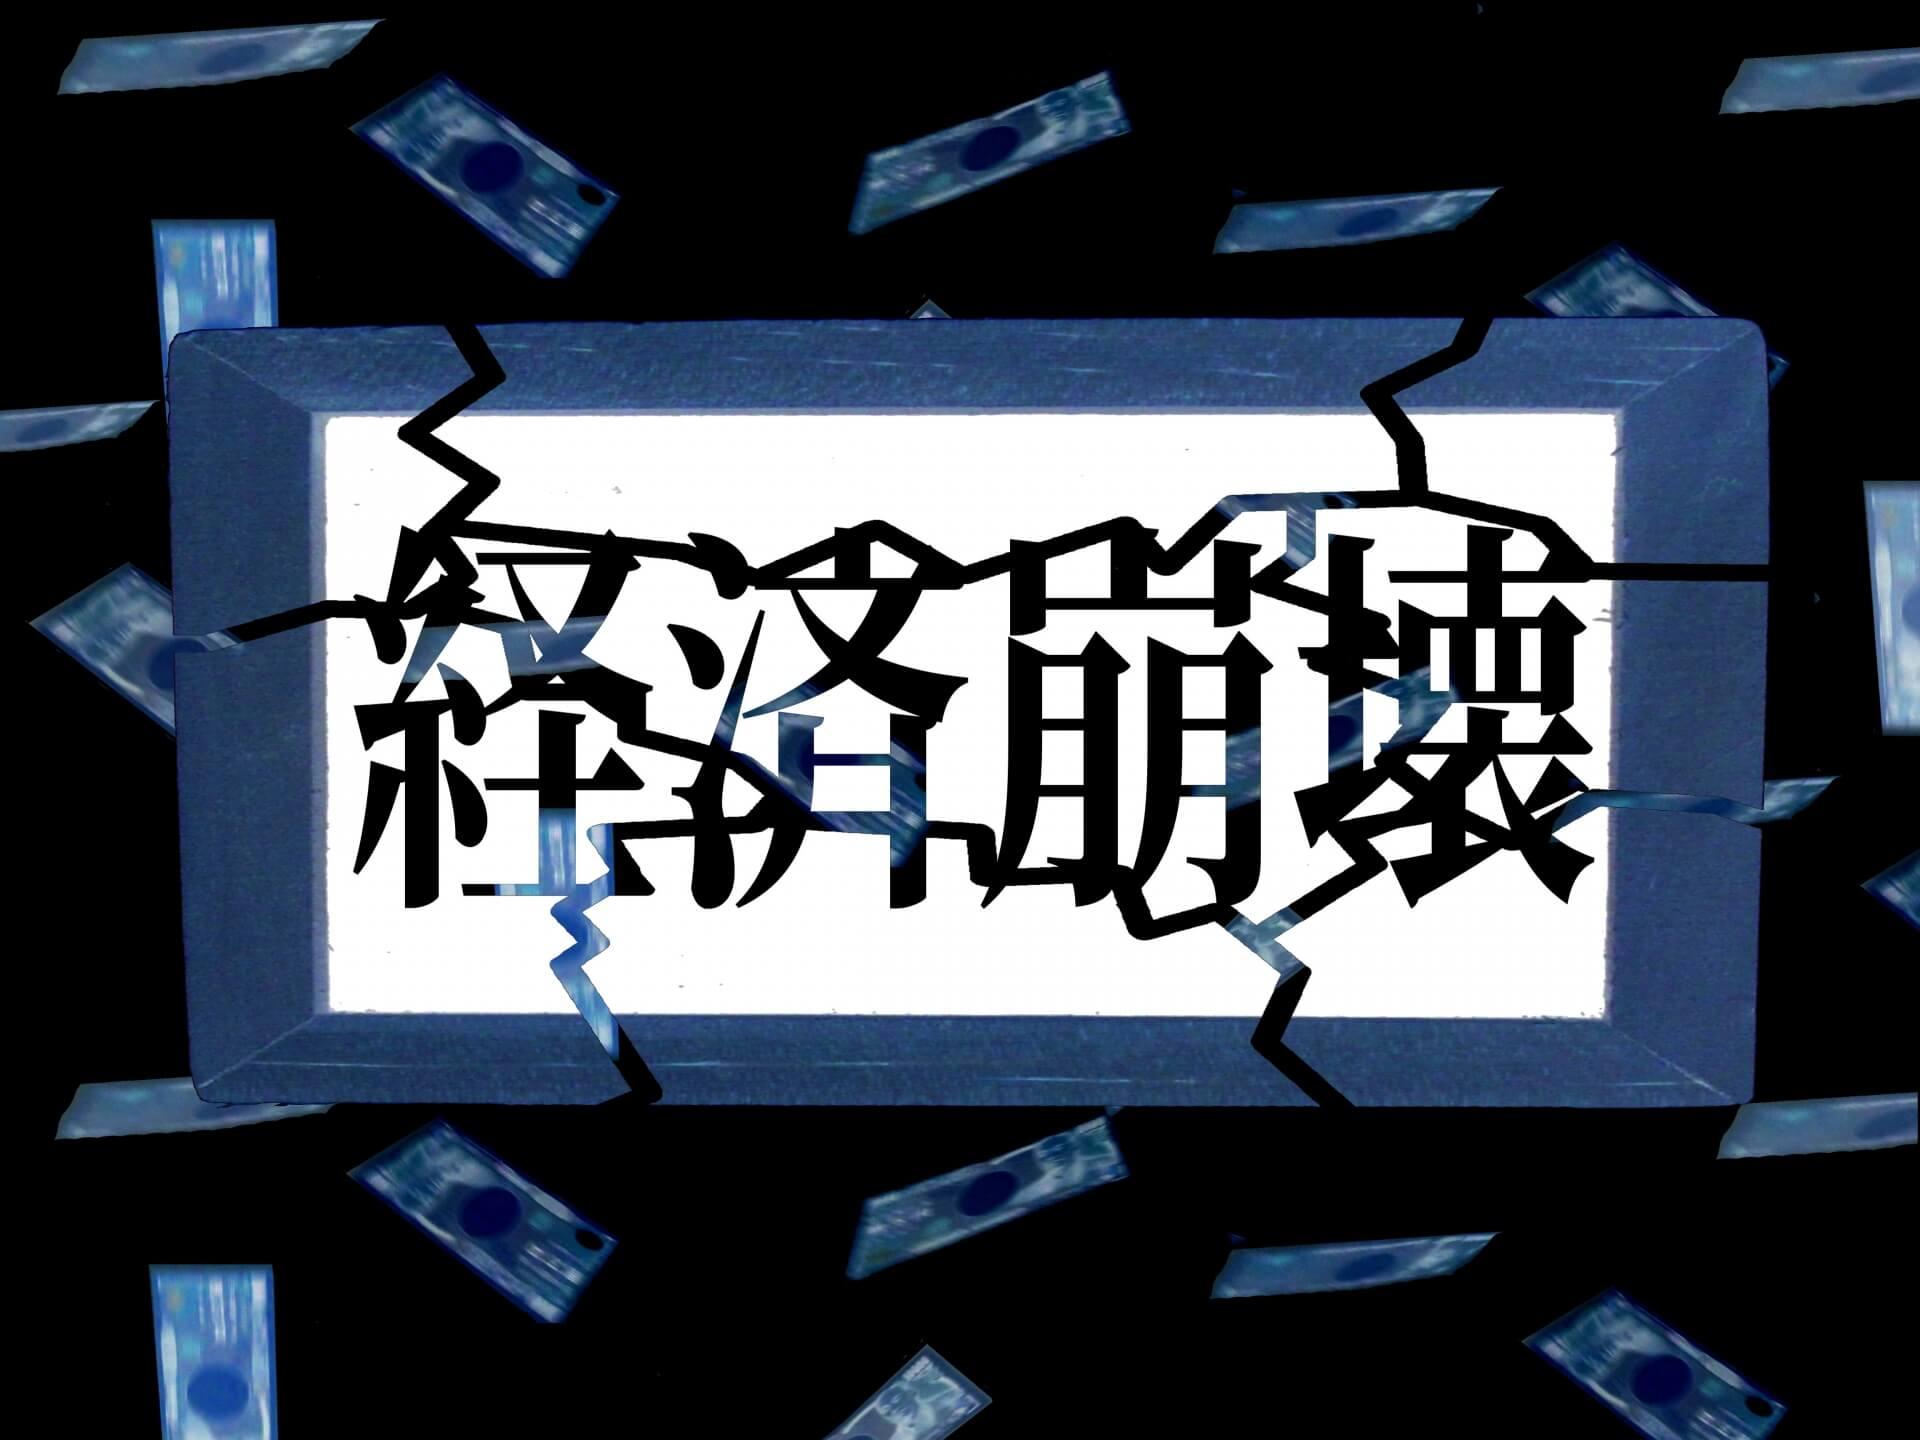 青木理「初めて金子さんが経済学者だってわかった」金子勝が経済論を語る〜10月8日「大竹まこと ゴールデンラジオ」